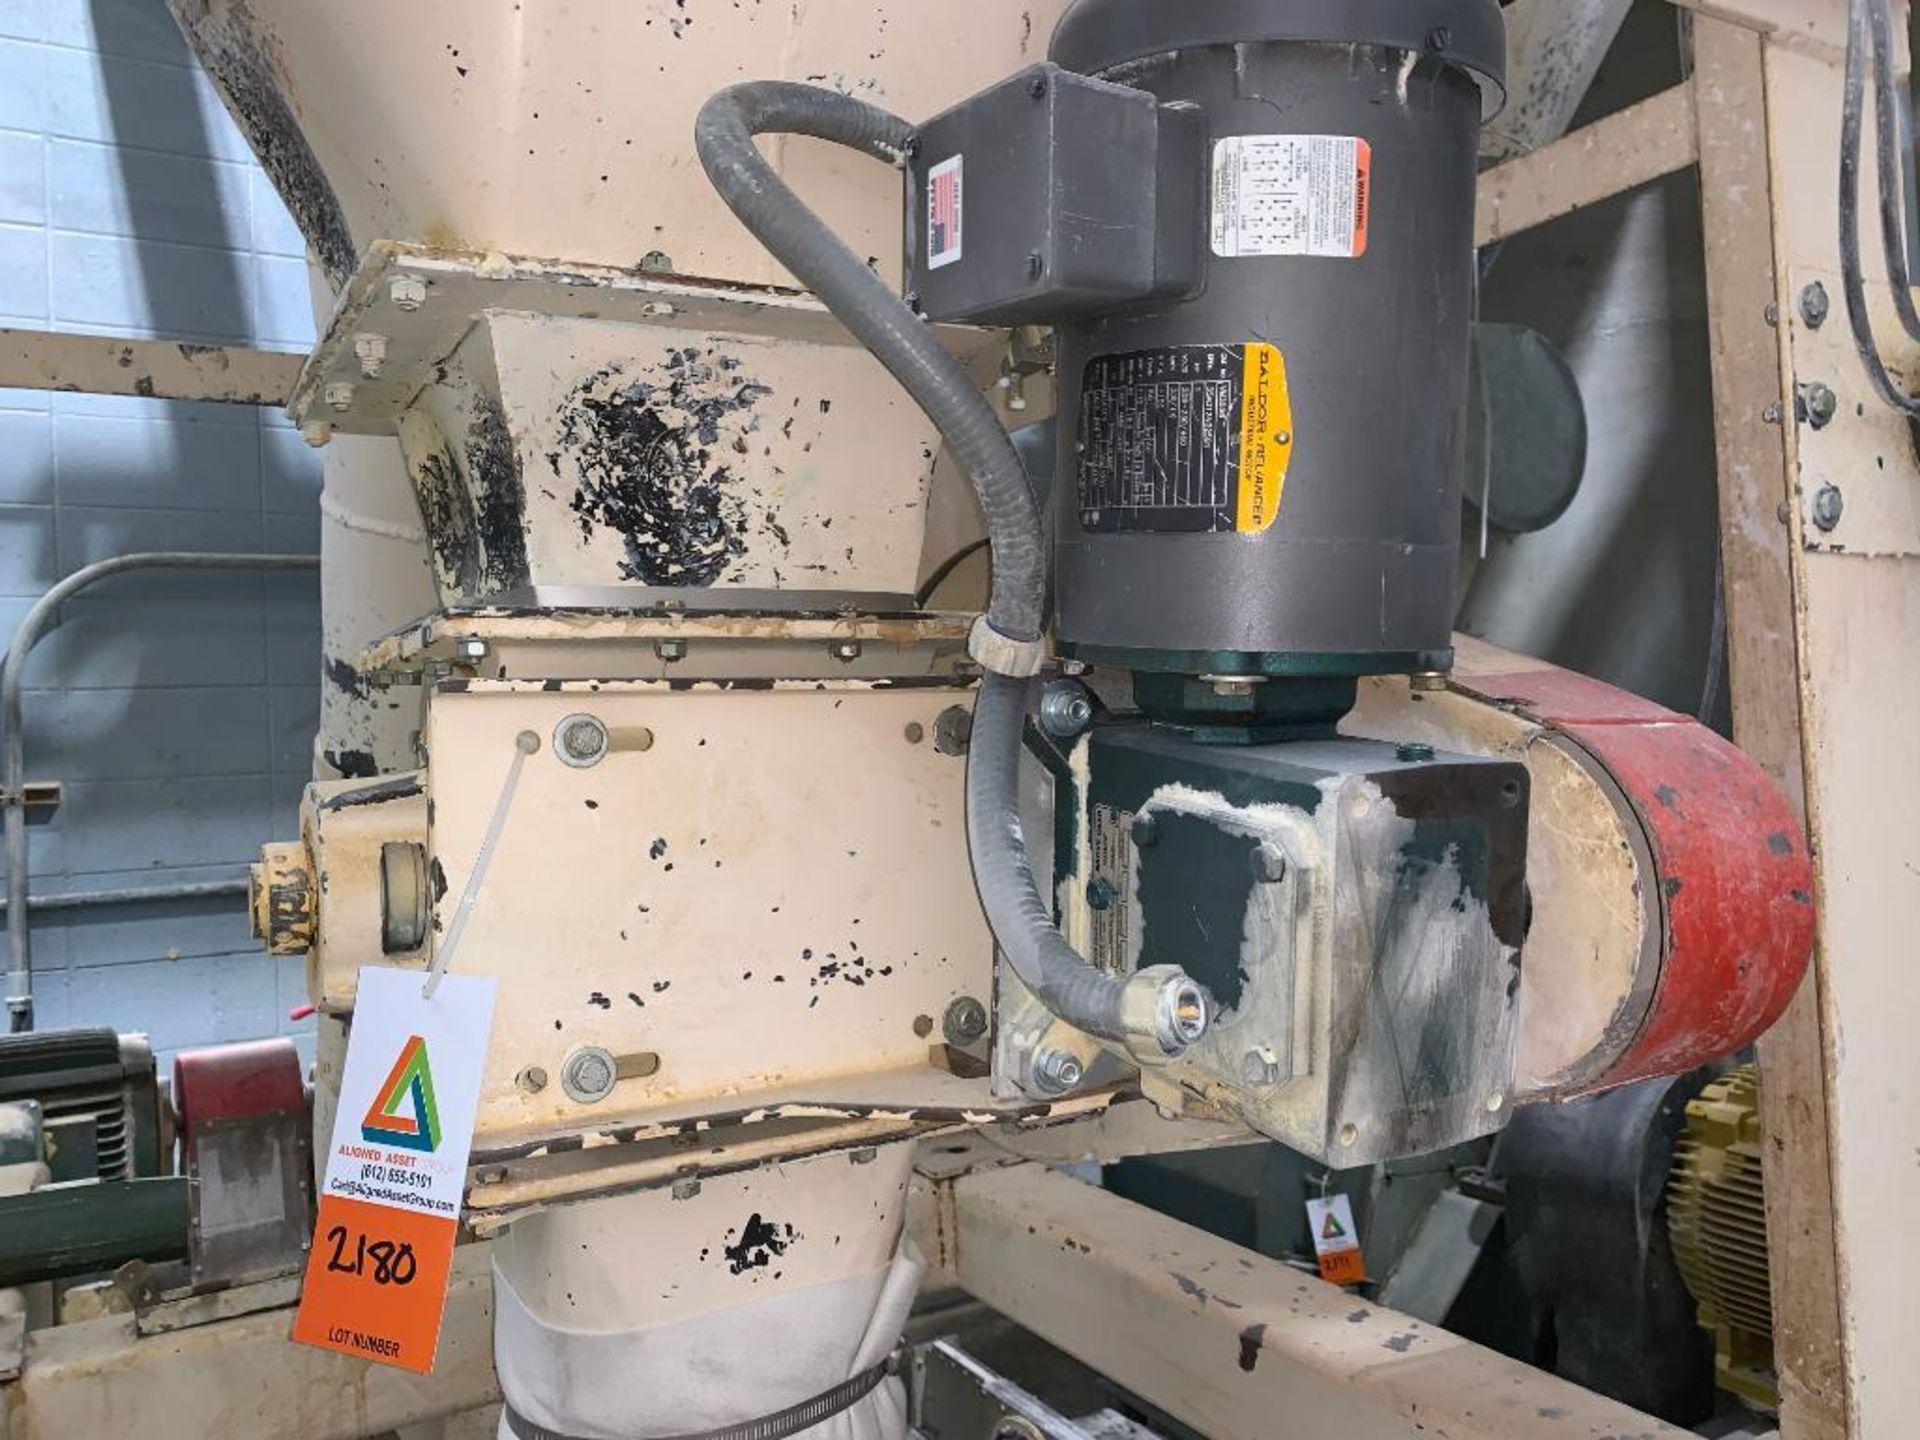 MAC mild steel dust collector - Image 9 of 9